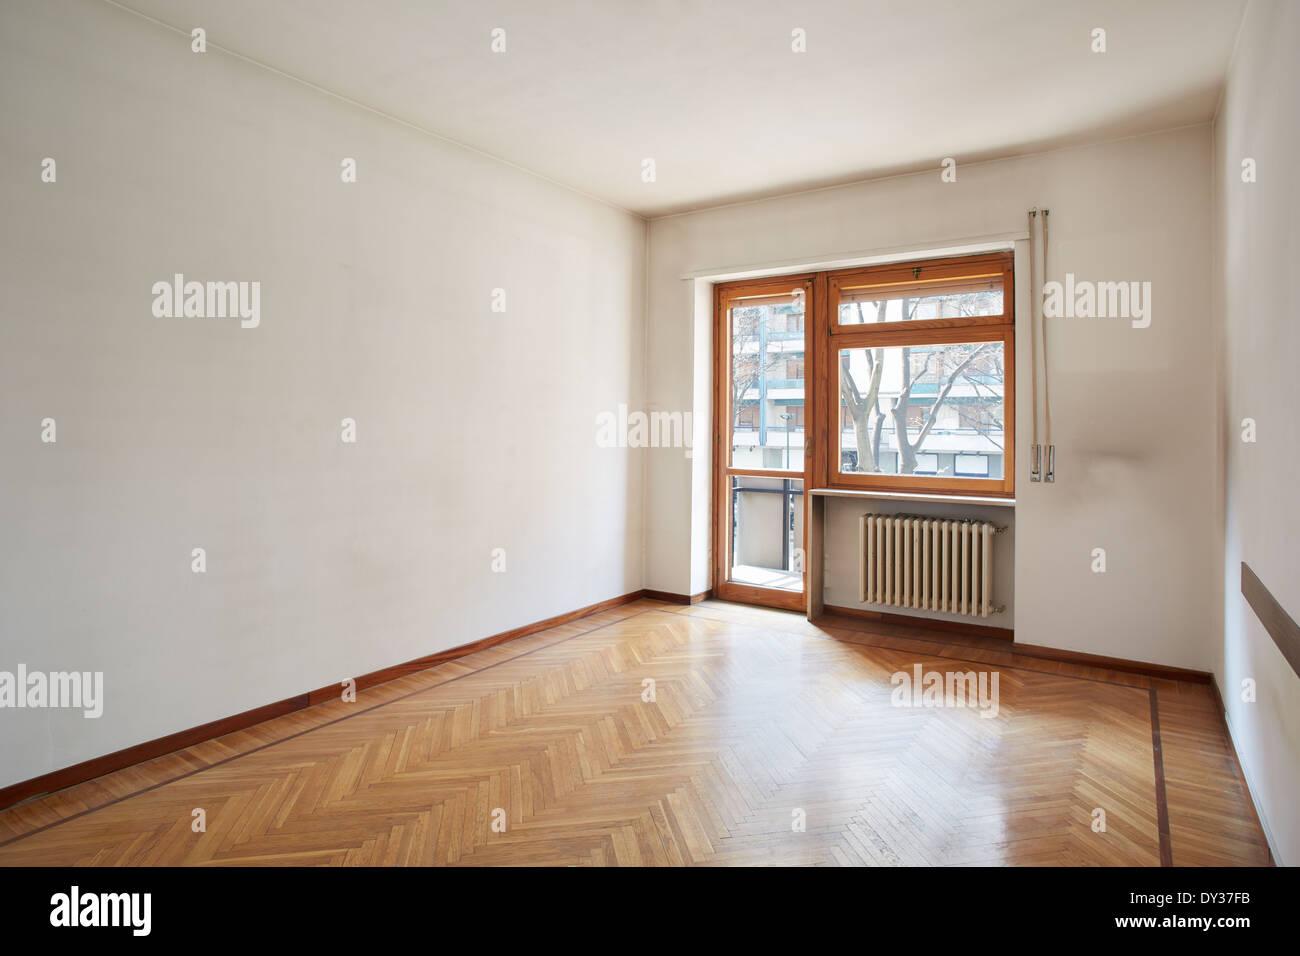 Pavimento Bianco Colore Pareti : Stanza vuota con pavimento in legno e sporco e pareti di colore